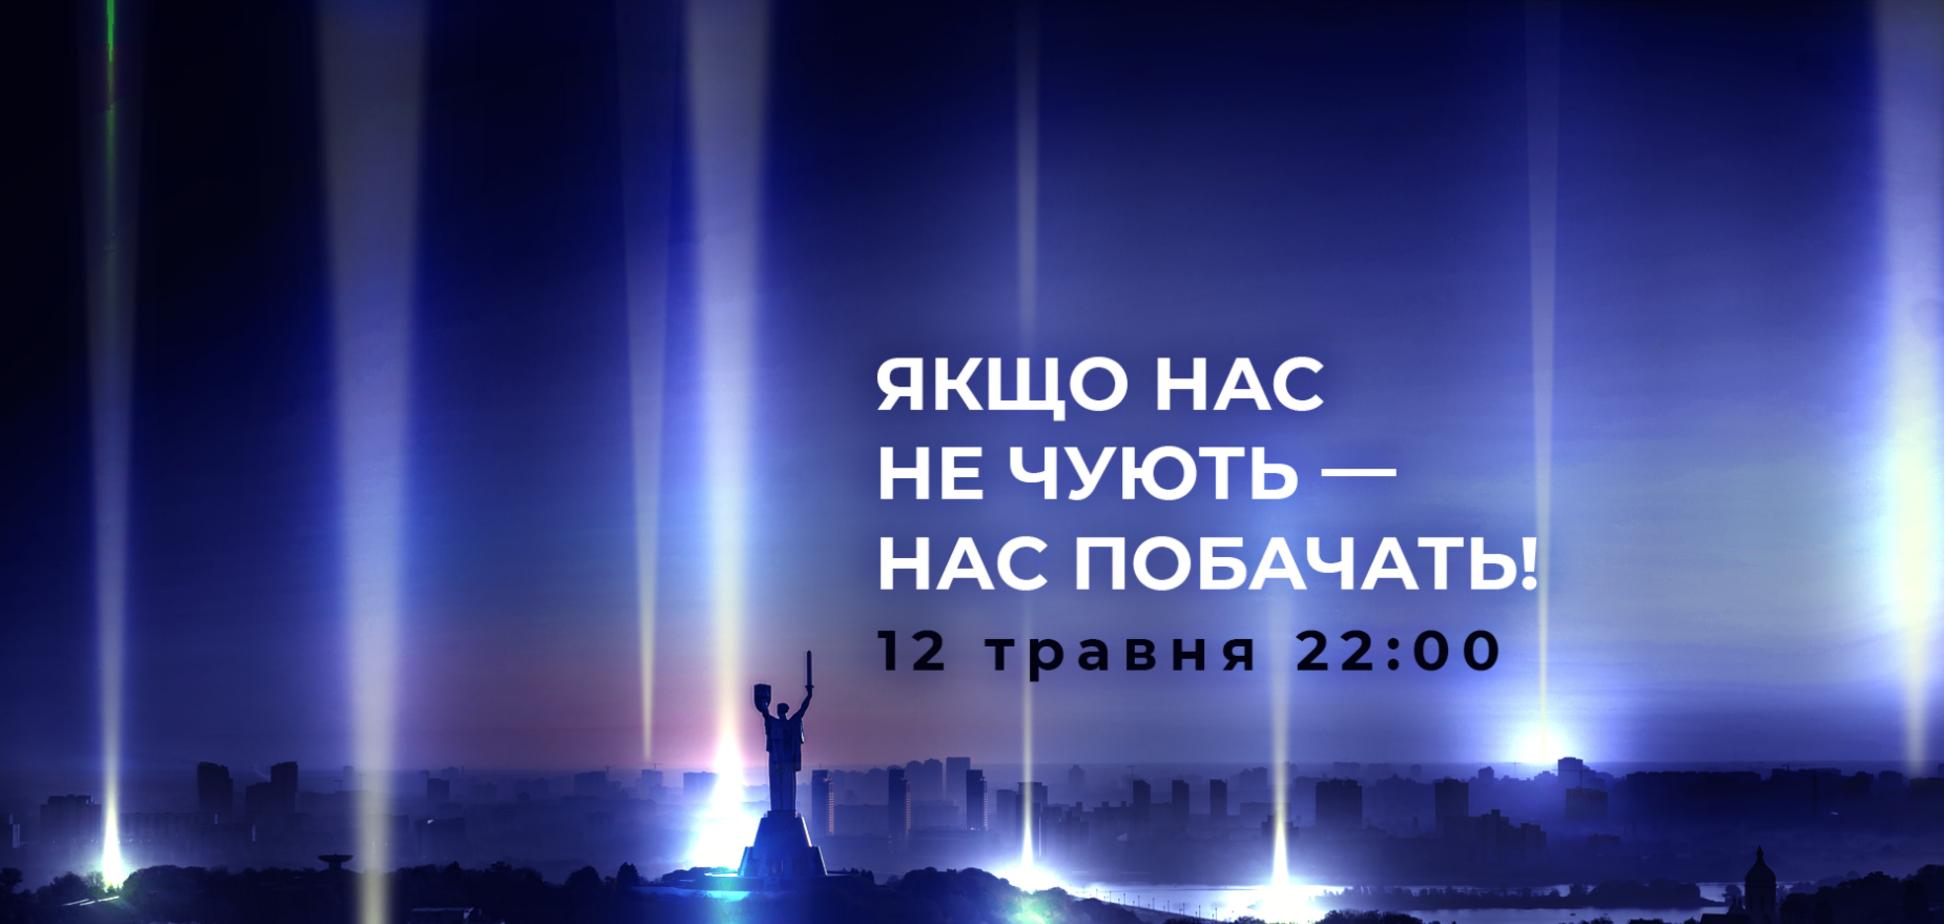 'Якщо не чують – нас побачать!' В Україні відбулася потужна акція на підтримку культури і шоу-бізнес